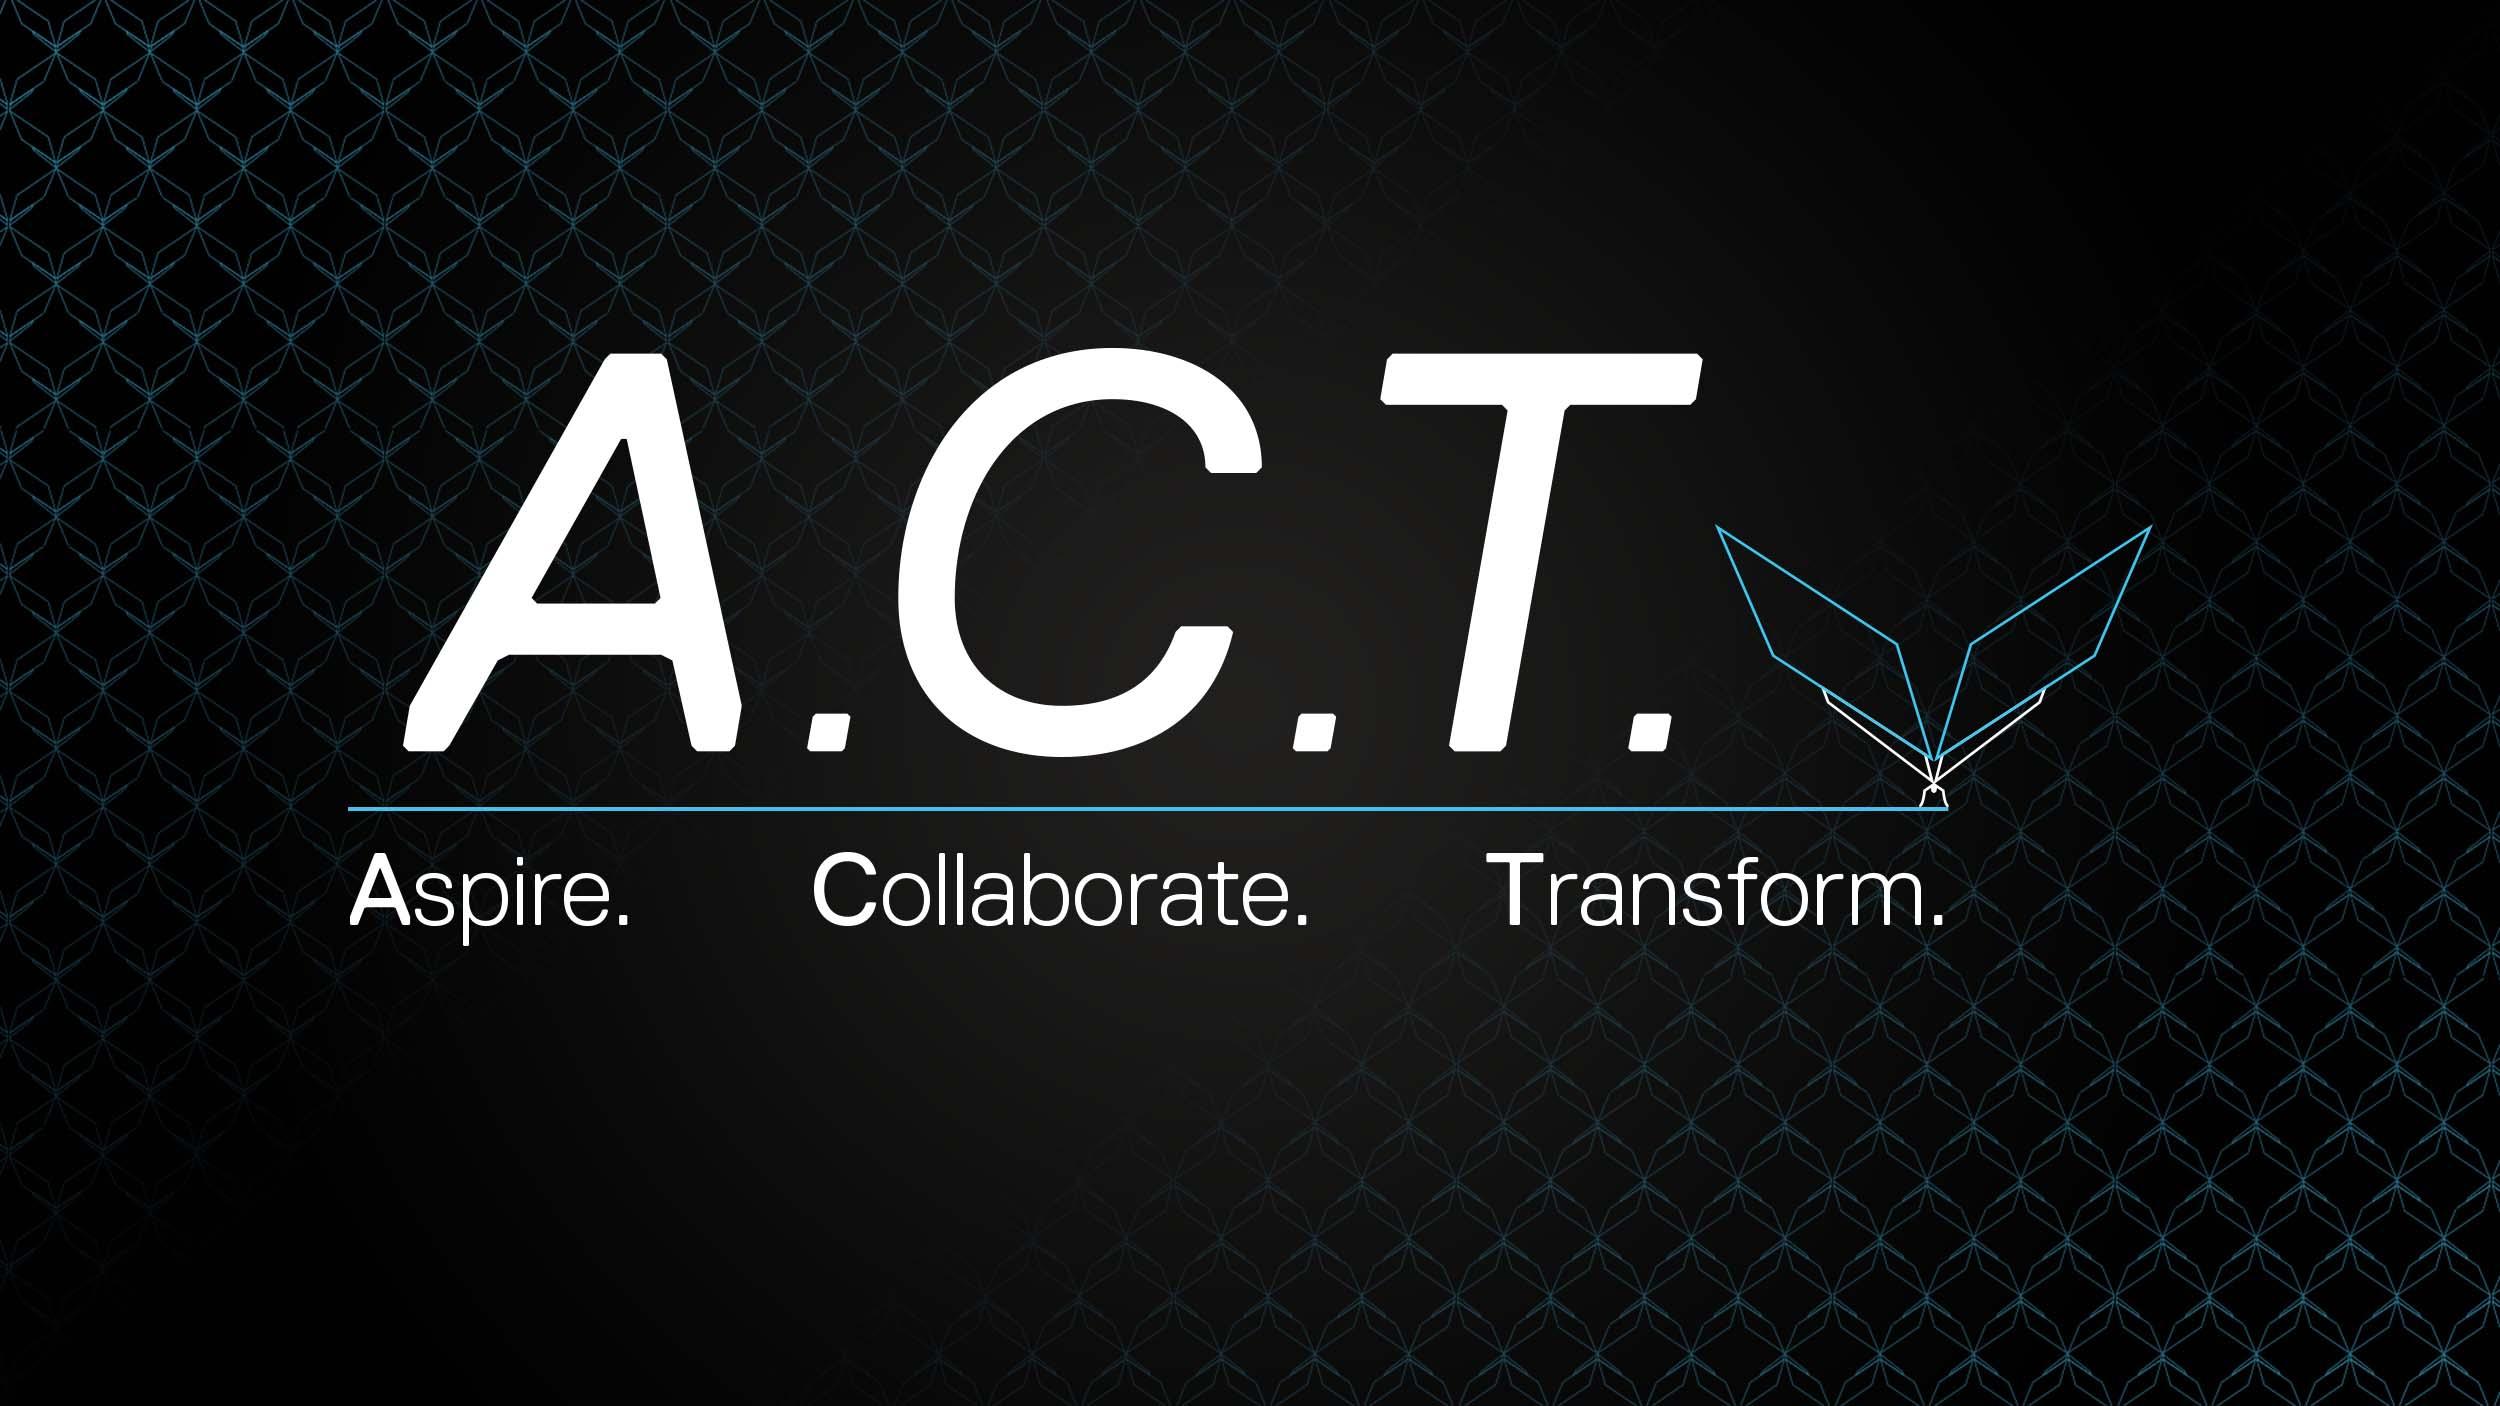 ACT_hero.jpg